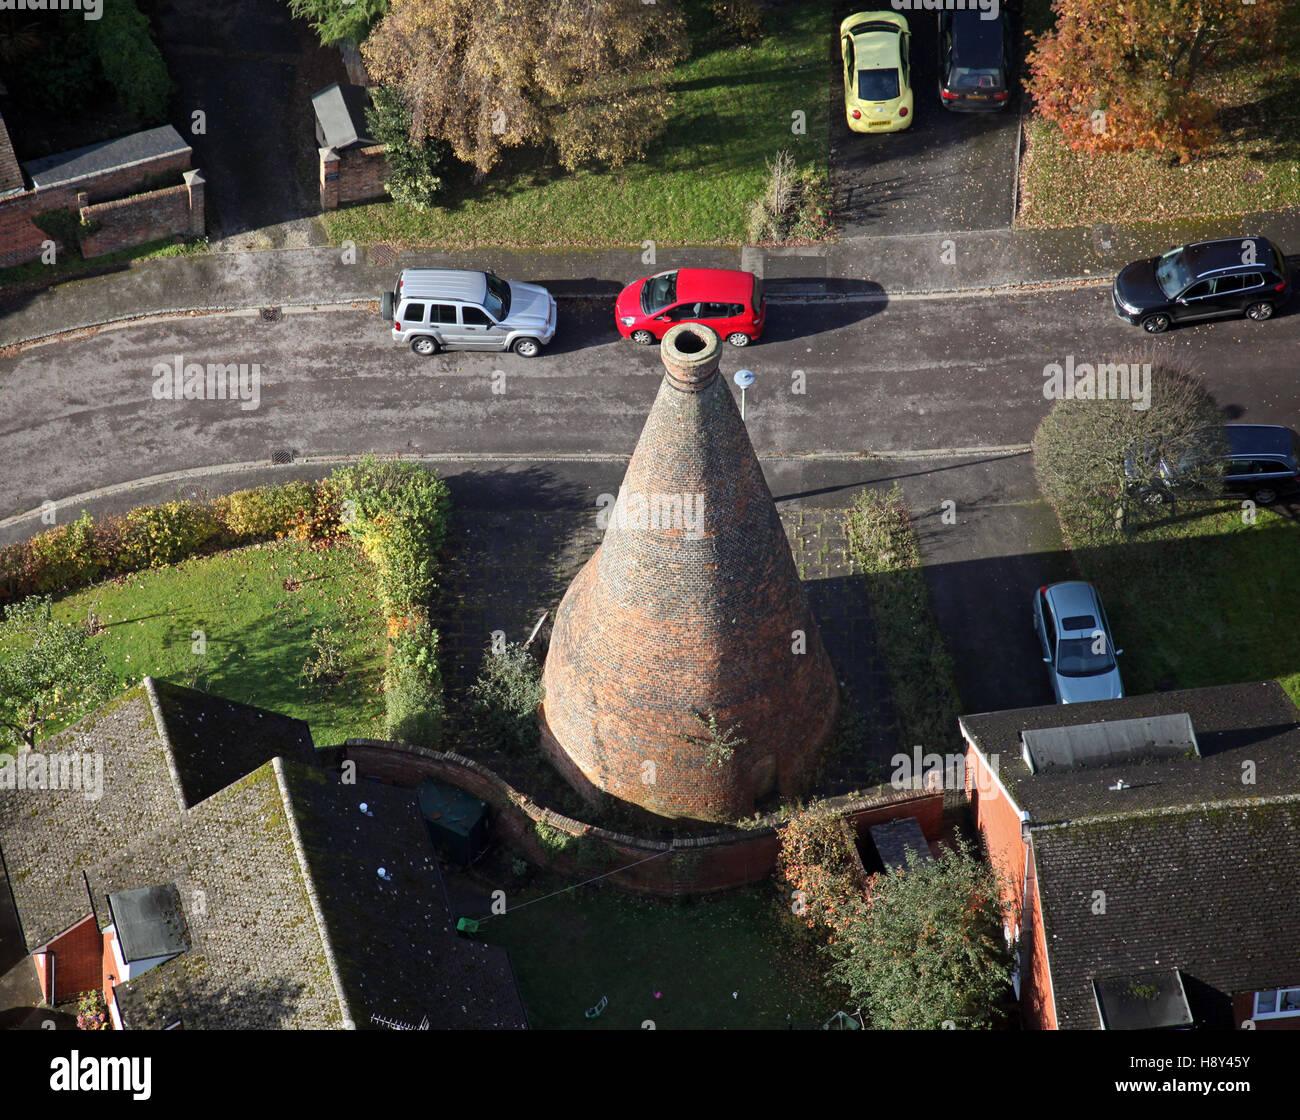 Vista aerea del Nettlebed forno di mattoni in Oxfordshire, Regno Unito Immagini Stock